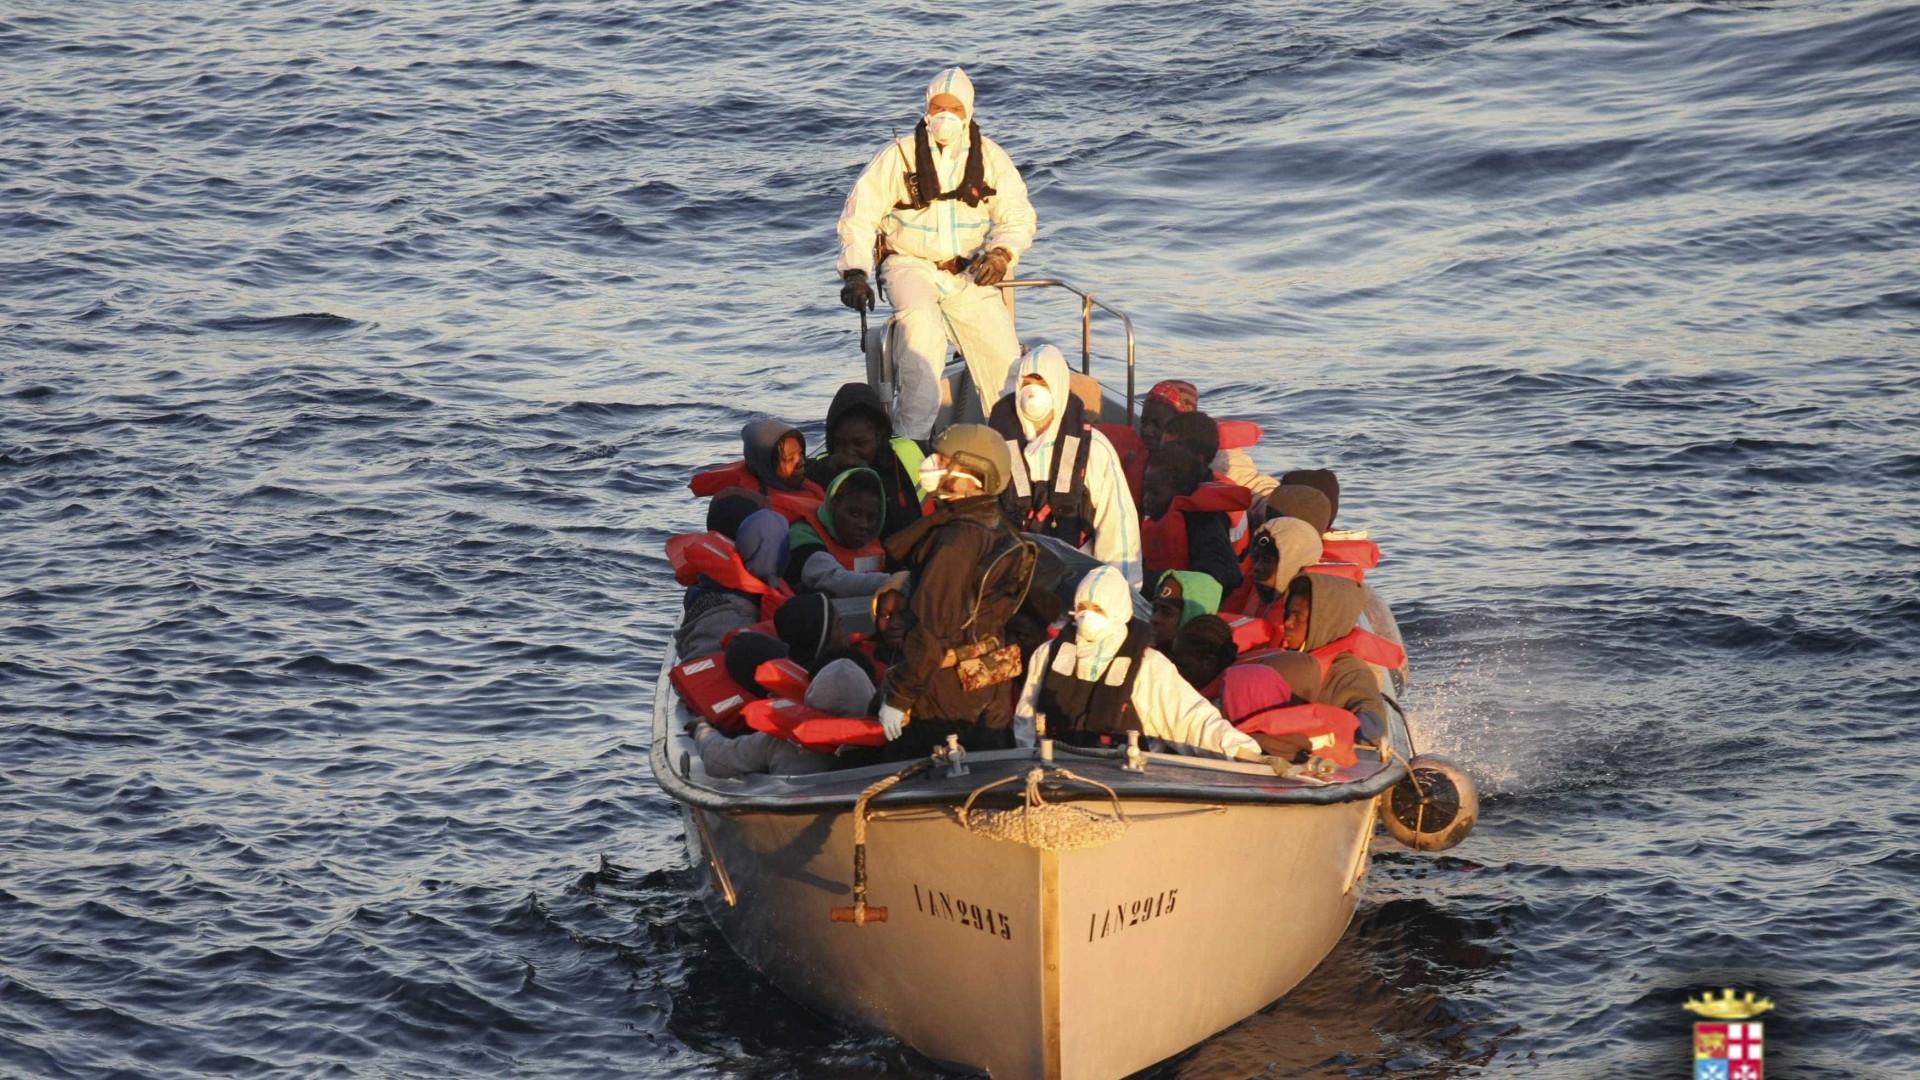 Três ONG suspendem resgate no Mediterrâneo devido a restrições líbias